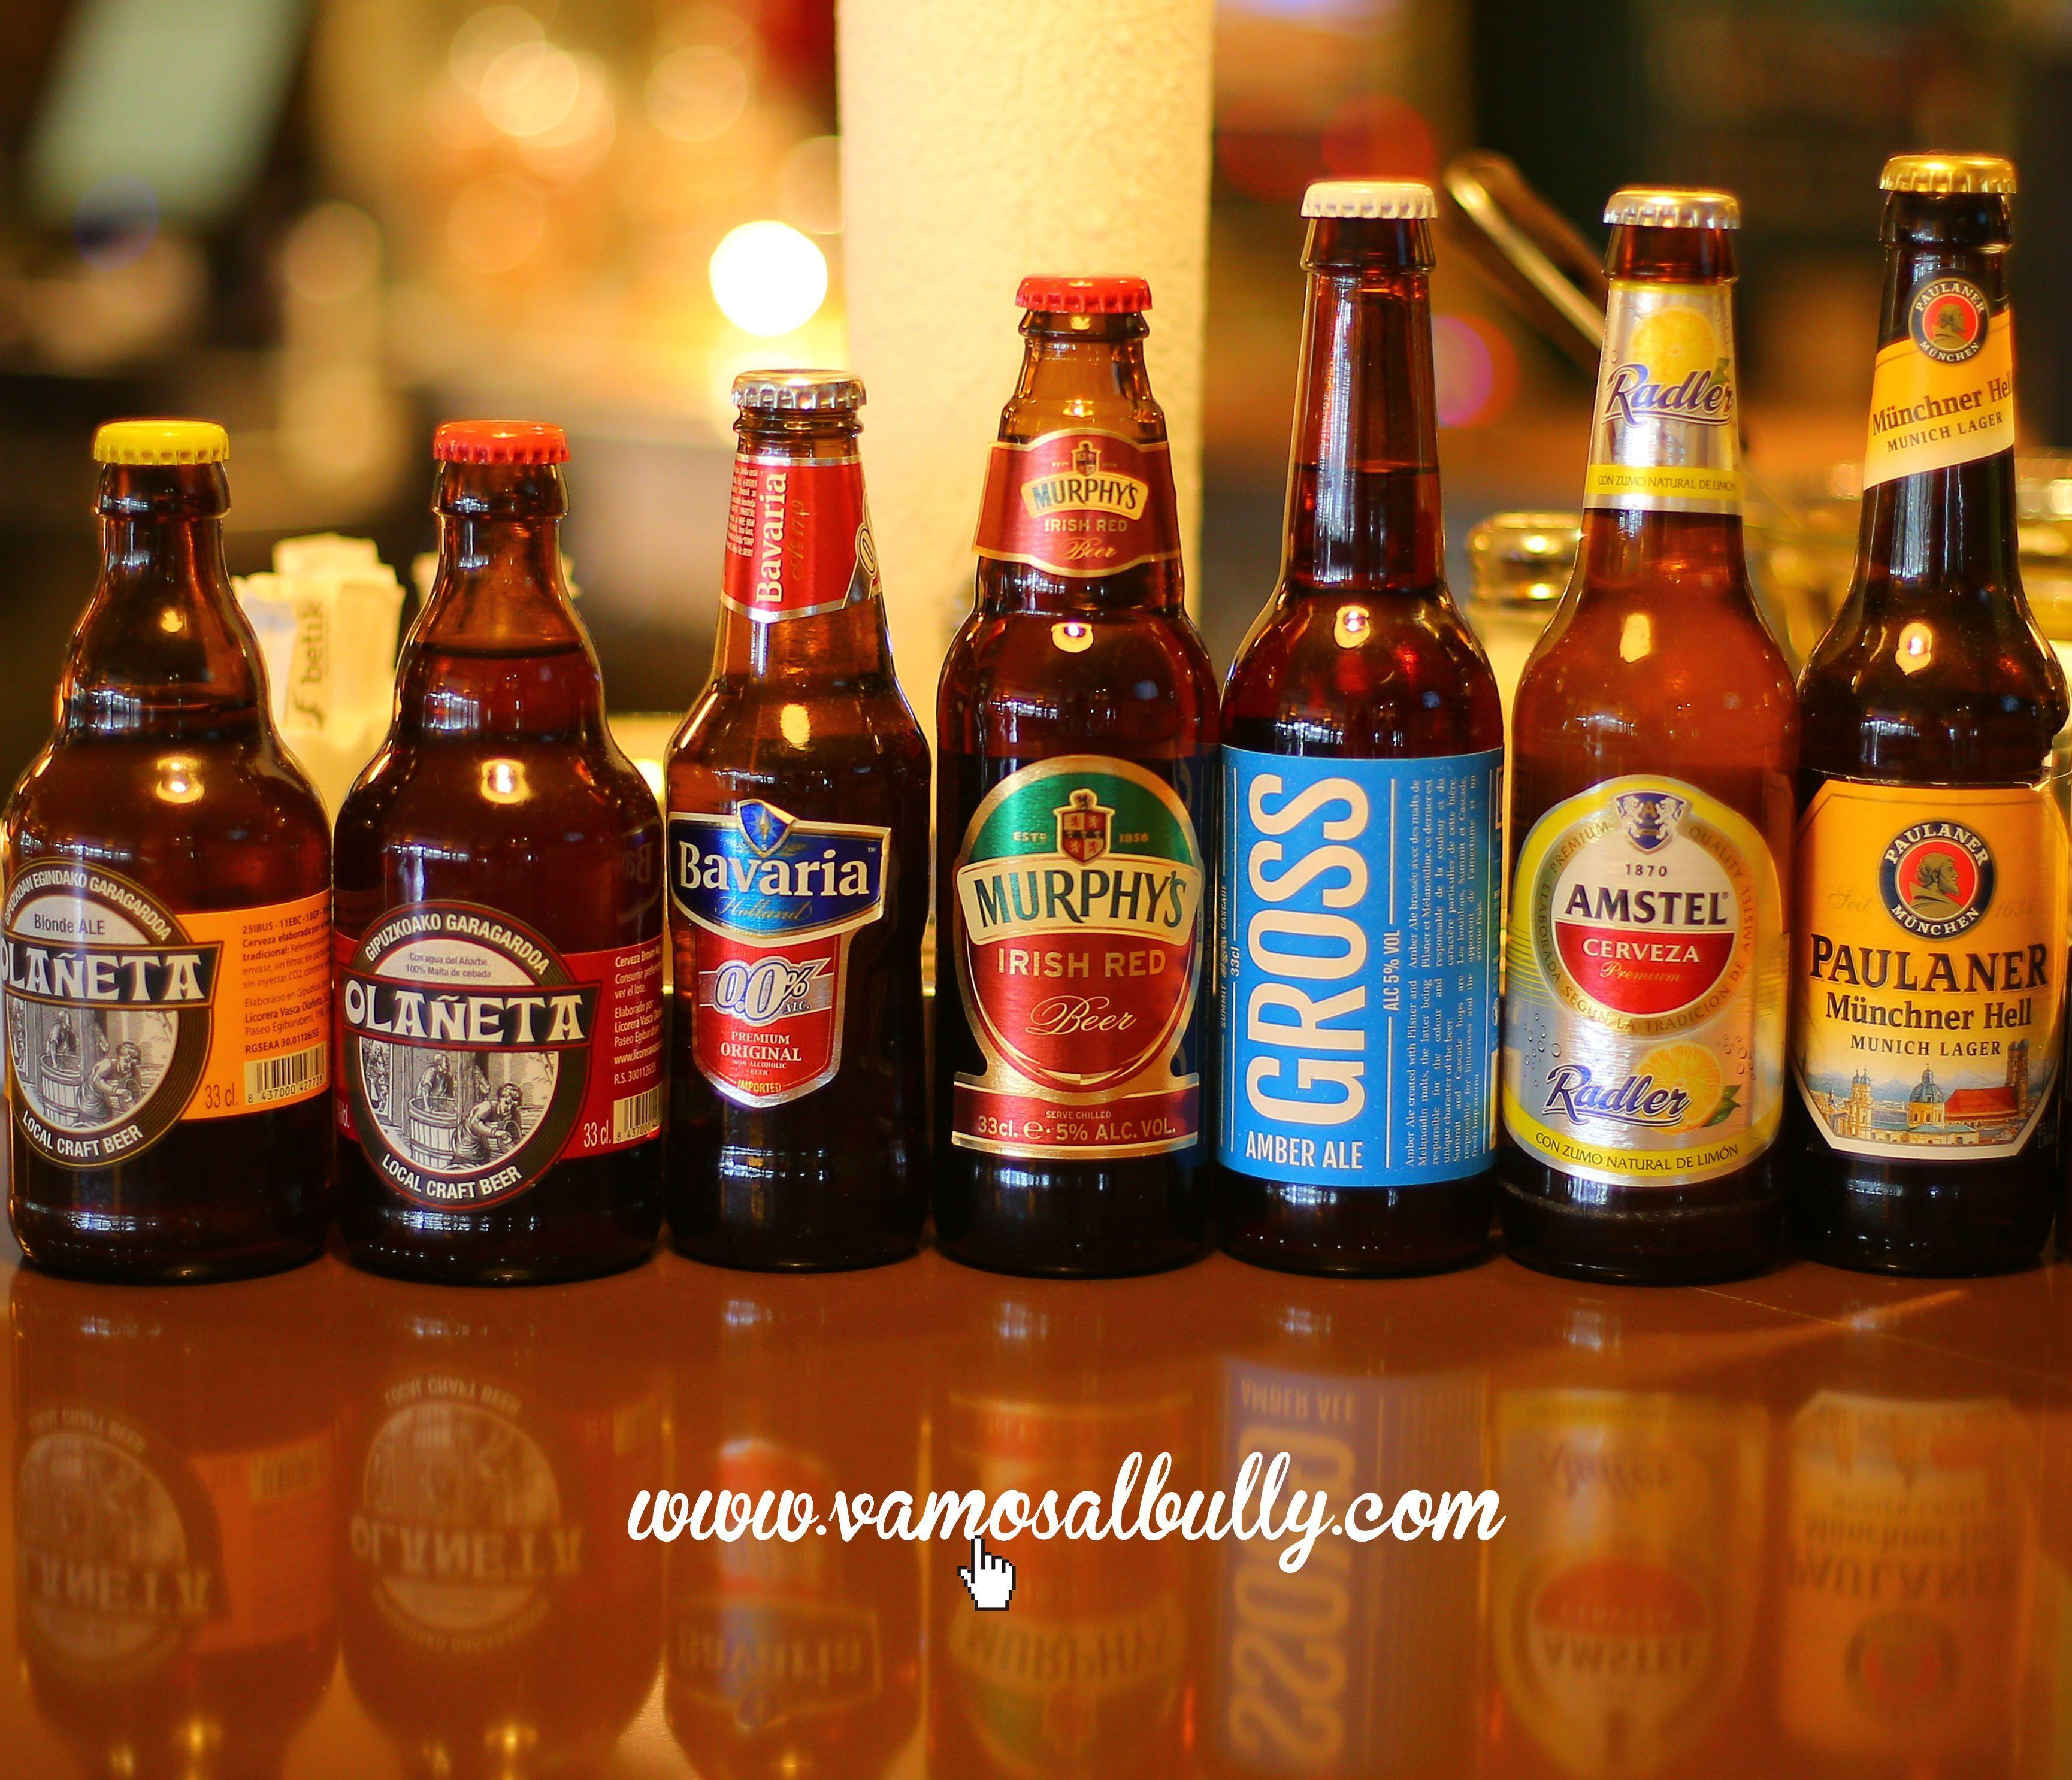 El #vamosalbully #donostia #sansebastian os desea un muy feliz fin de semana. Venga a por esa cervecita especial que os la habeis ganado! Tu con cual vas a acompañar tu cena de hoy?